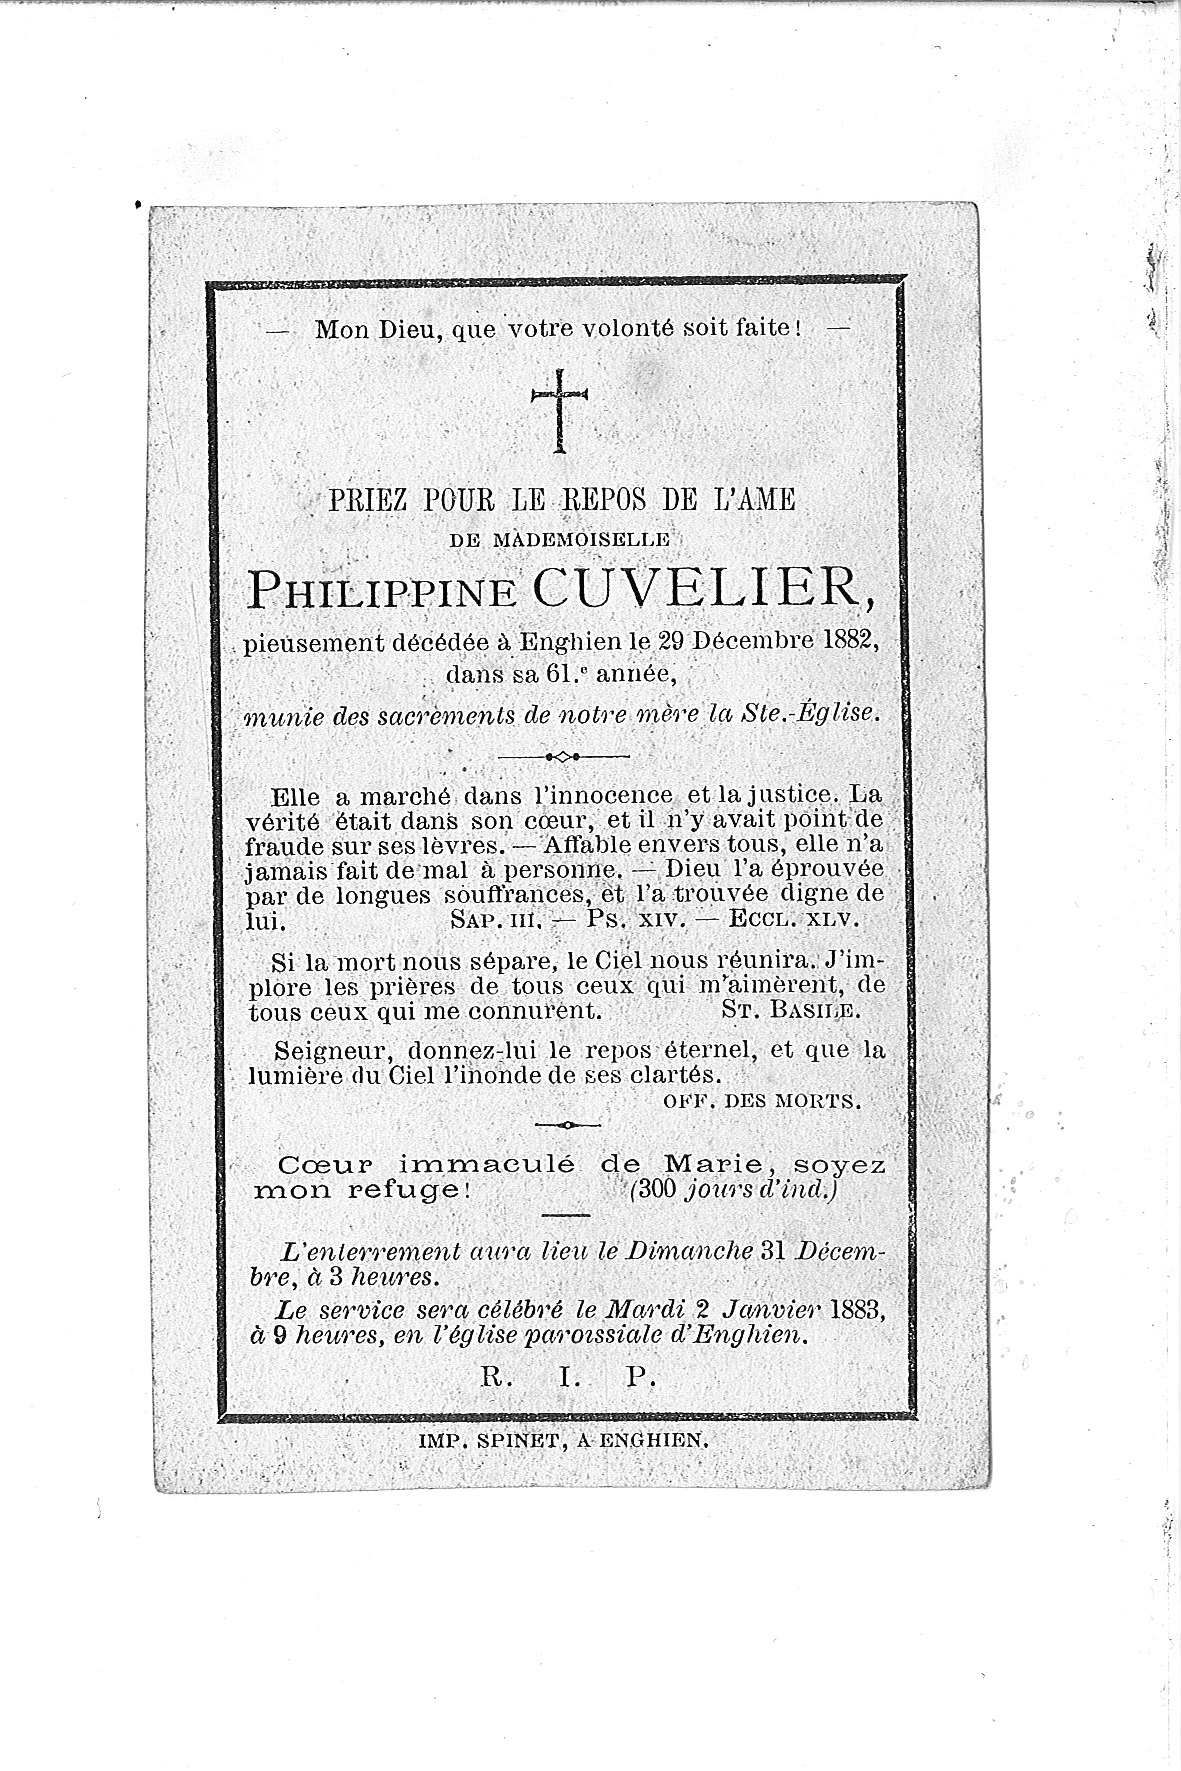 Philippine (1882) 20120123114116_00069.jpg